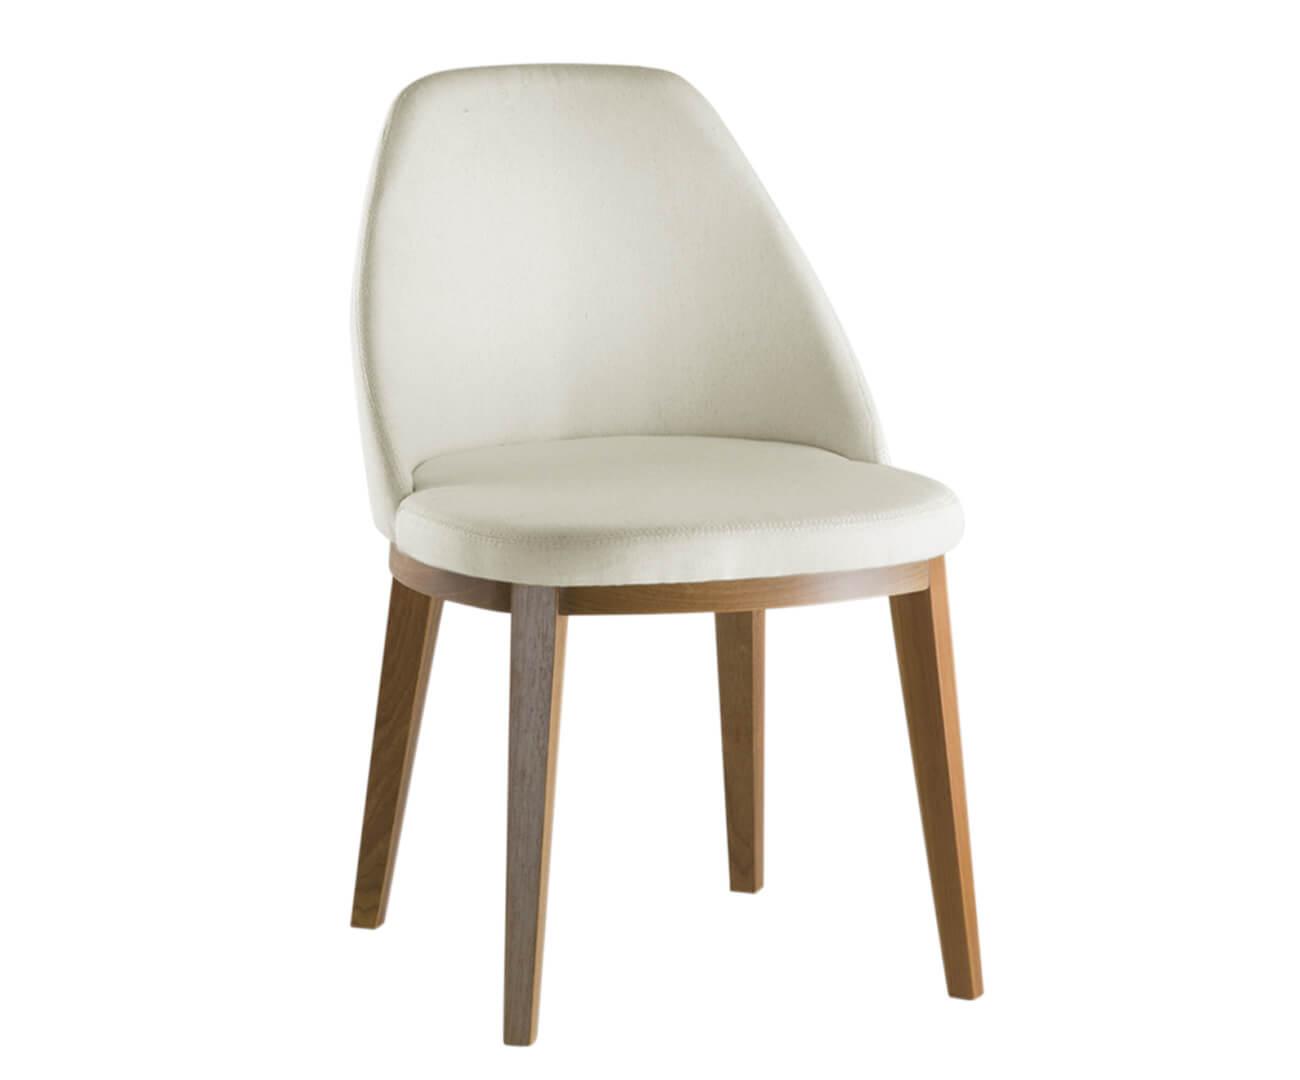 cadeira estofada maxime 0714